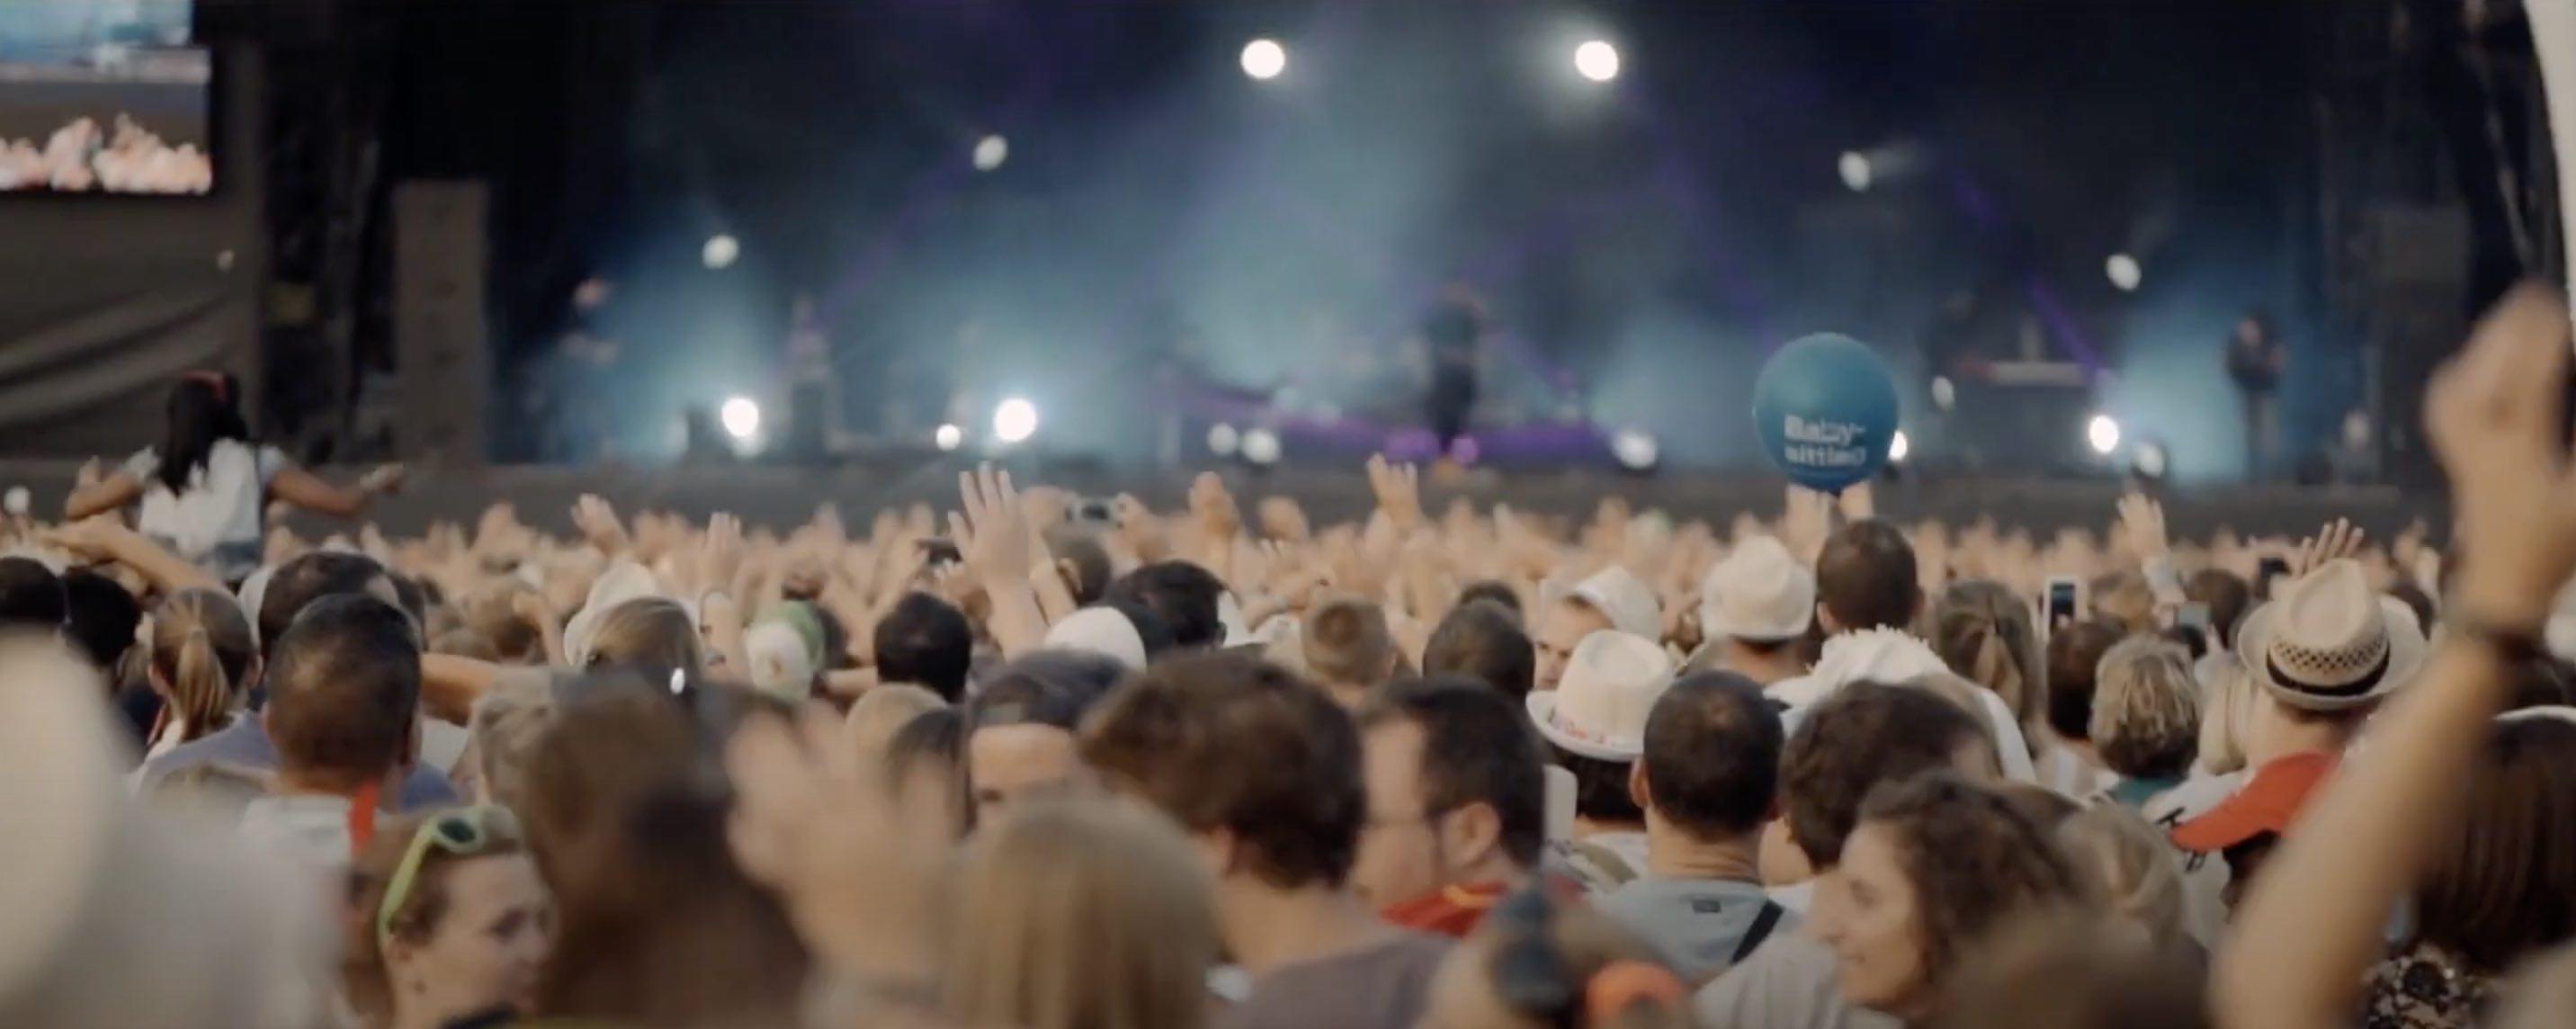 Festivals - Festivals été - Festivals musique - annulés - reportés